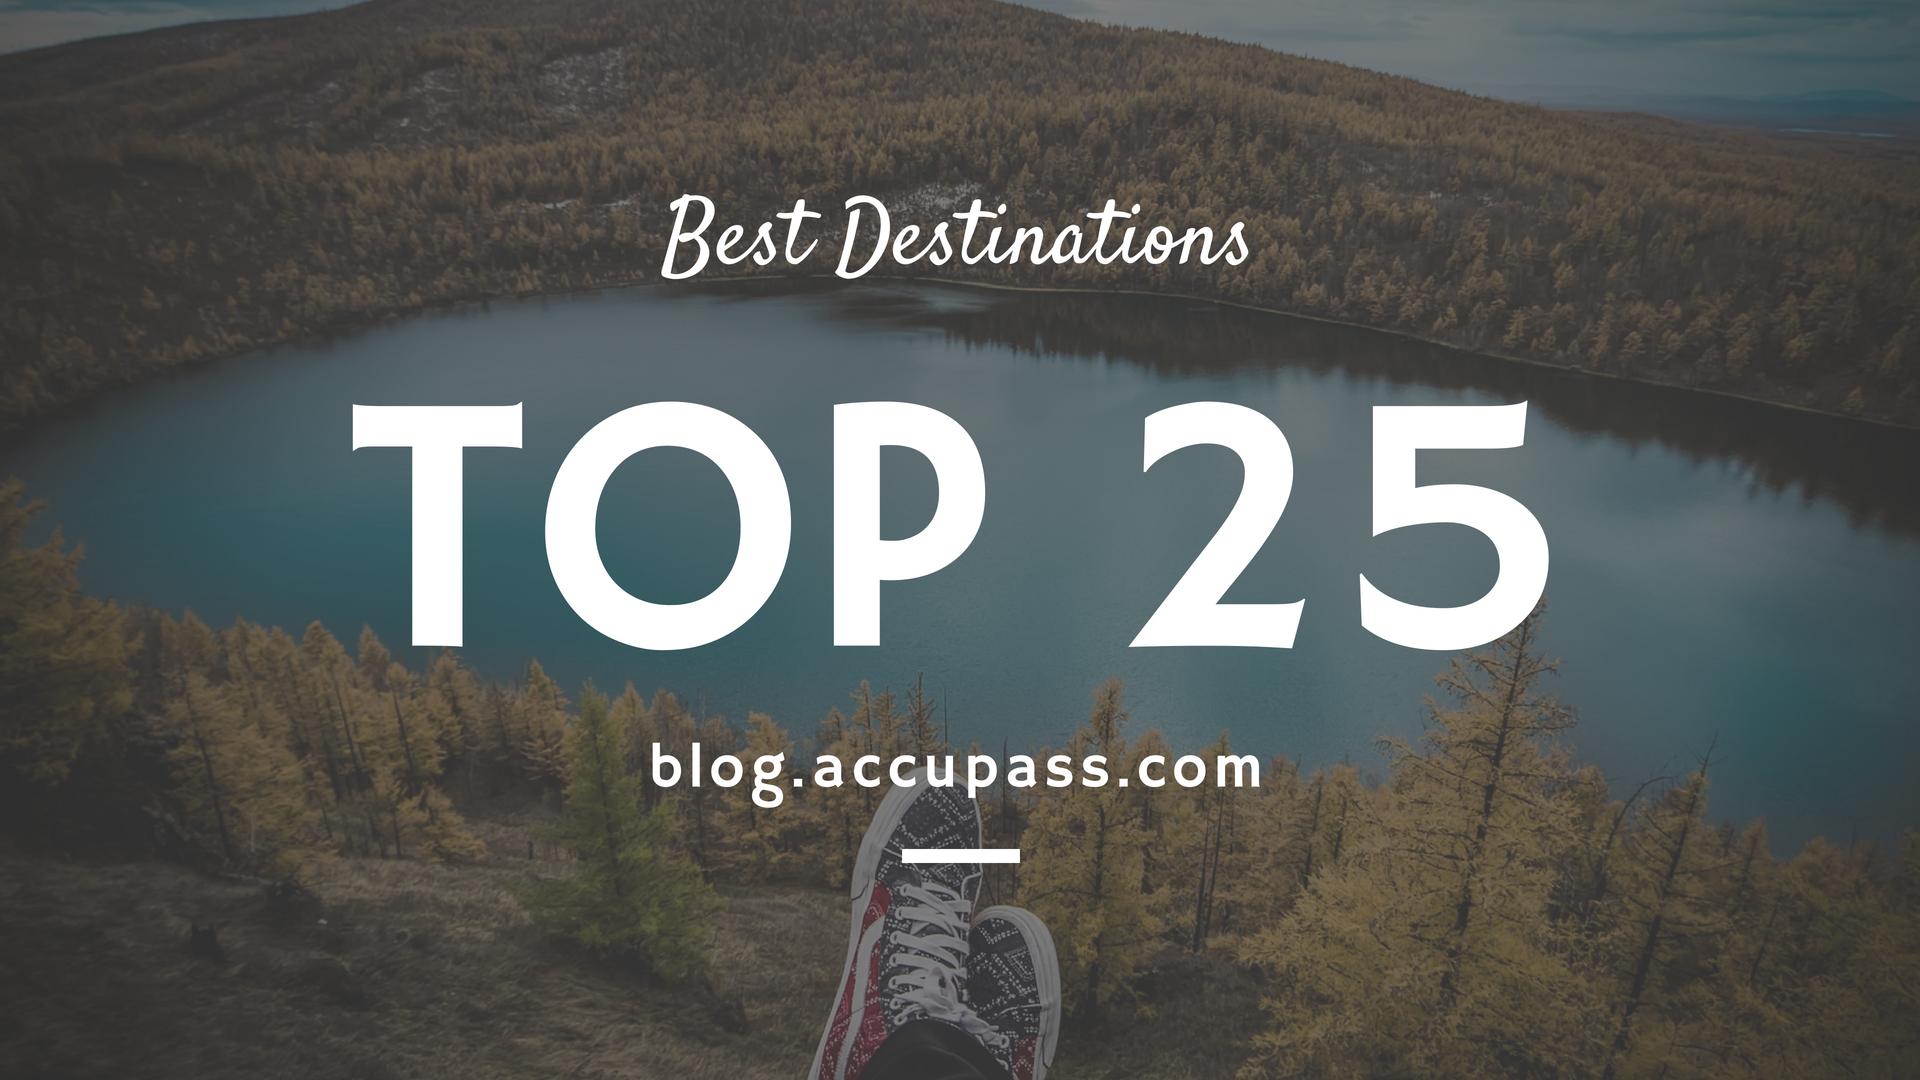 【出國必看】全世界 Top 25 旅遊勝地(上),全球最大旅遊網站 TripAdvisor 掛保證!